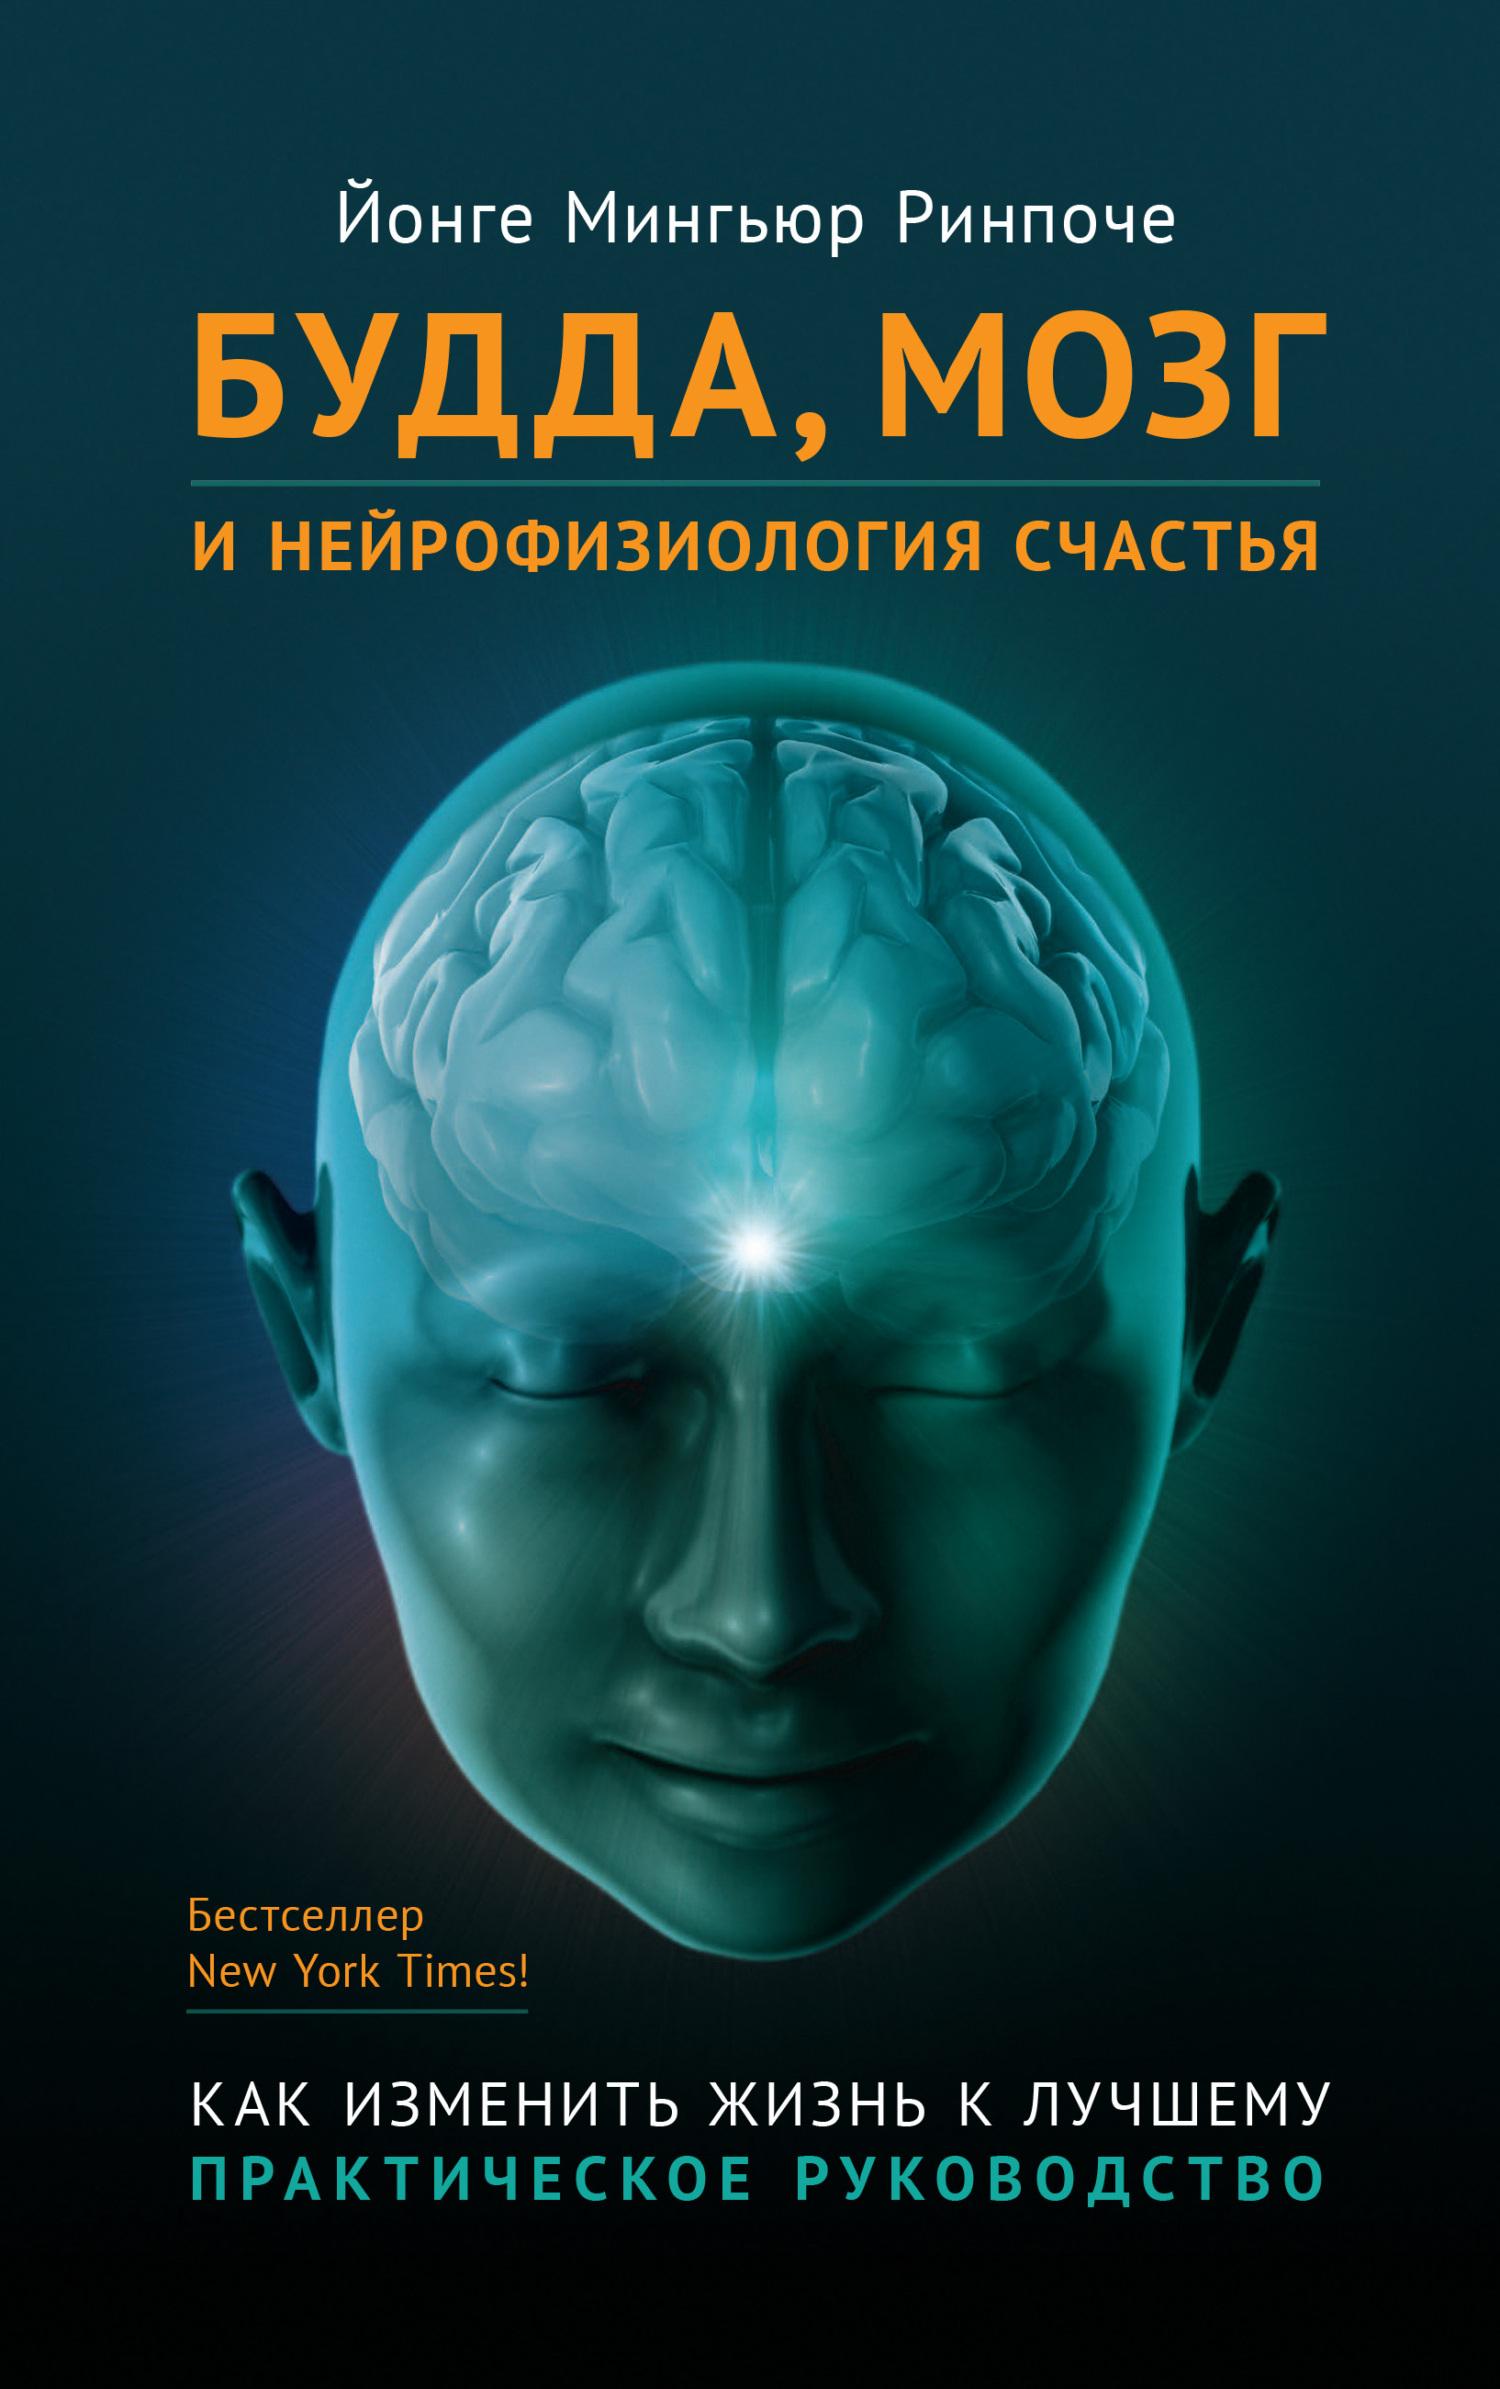 Йонге Мингьюр Ринпоче Будда, мозг и нейрофизиология счастья. Как изменить жизнь к лучшему йонге мингьюр ринпоче превращая заблуждение в ясность руководство по основополагающим практикам тибетского буддизма